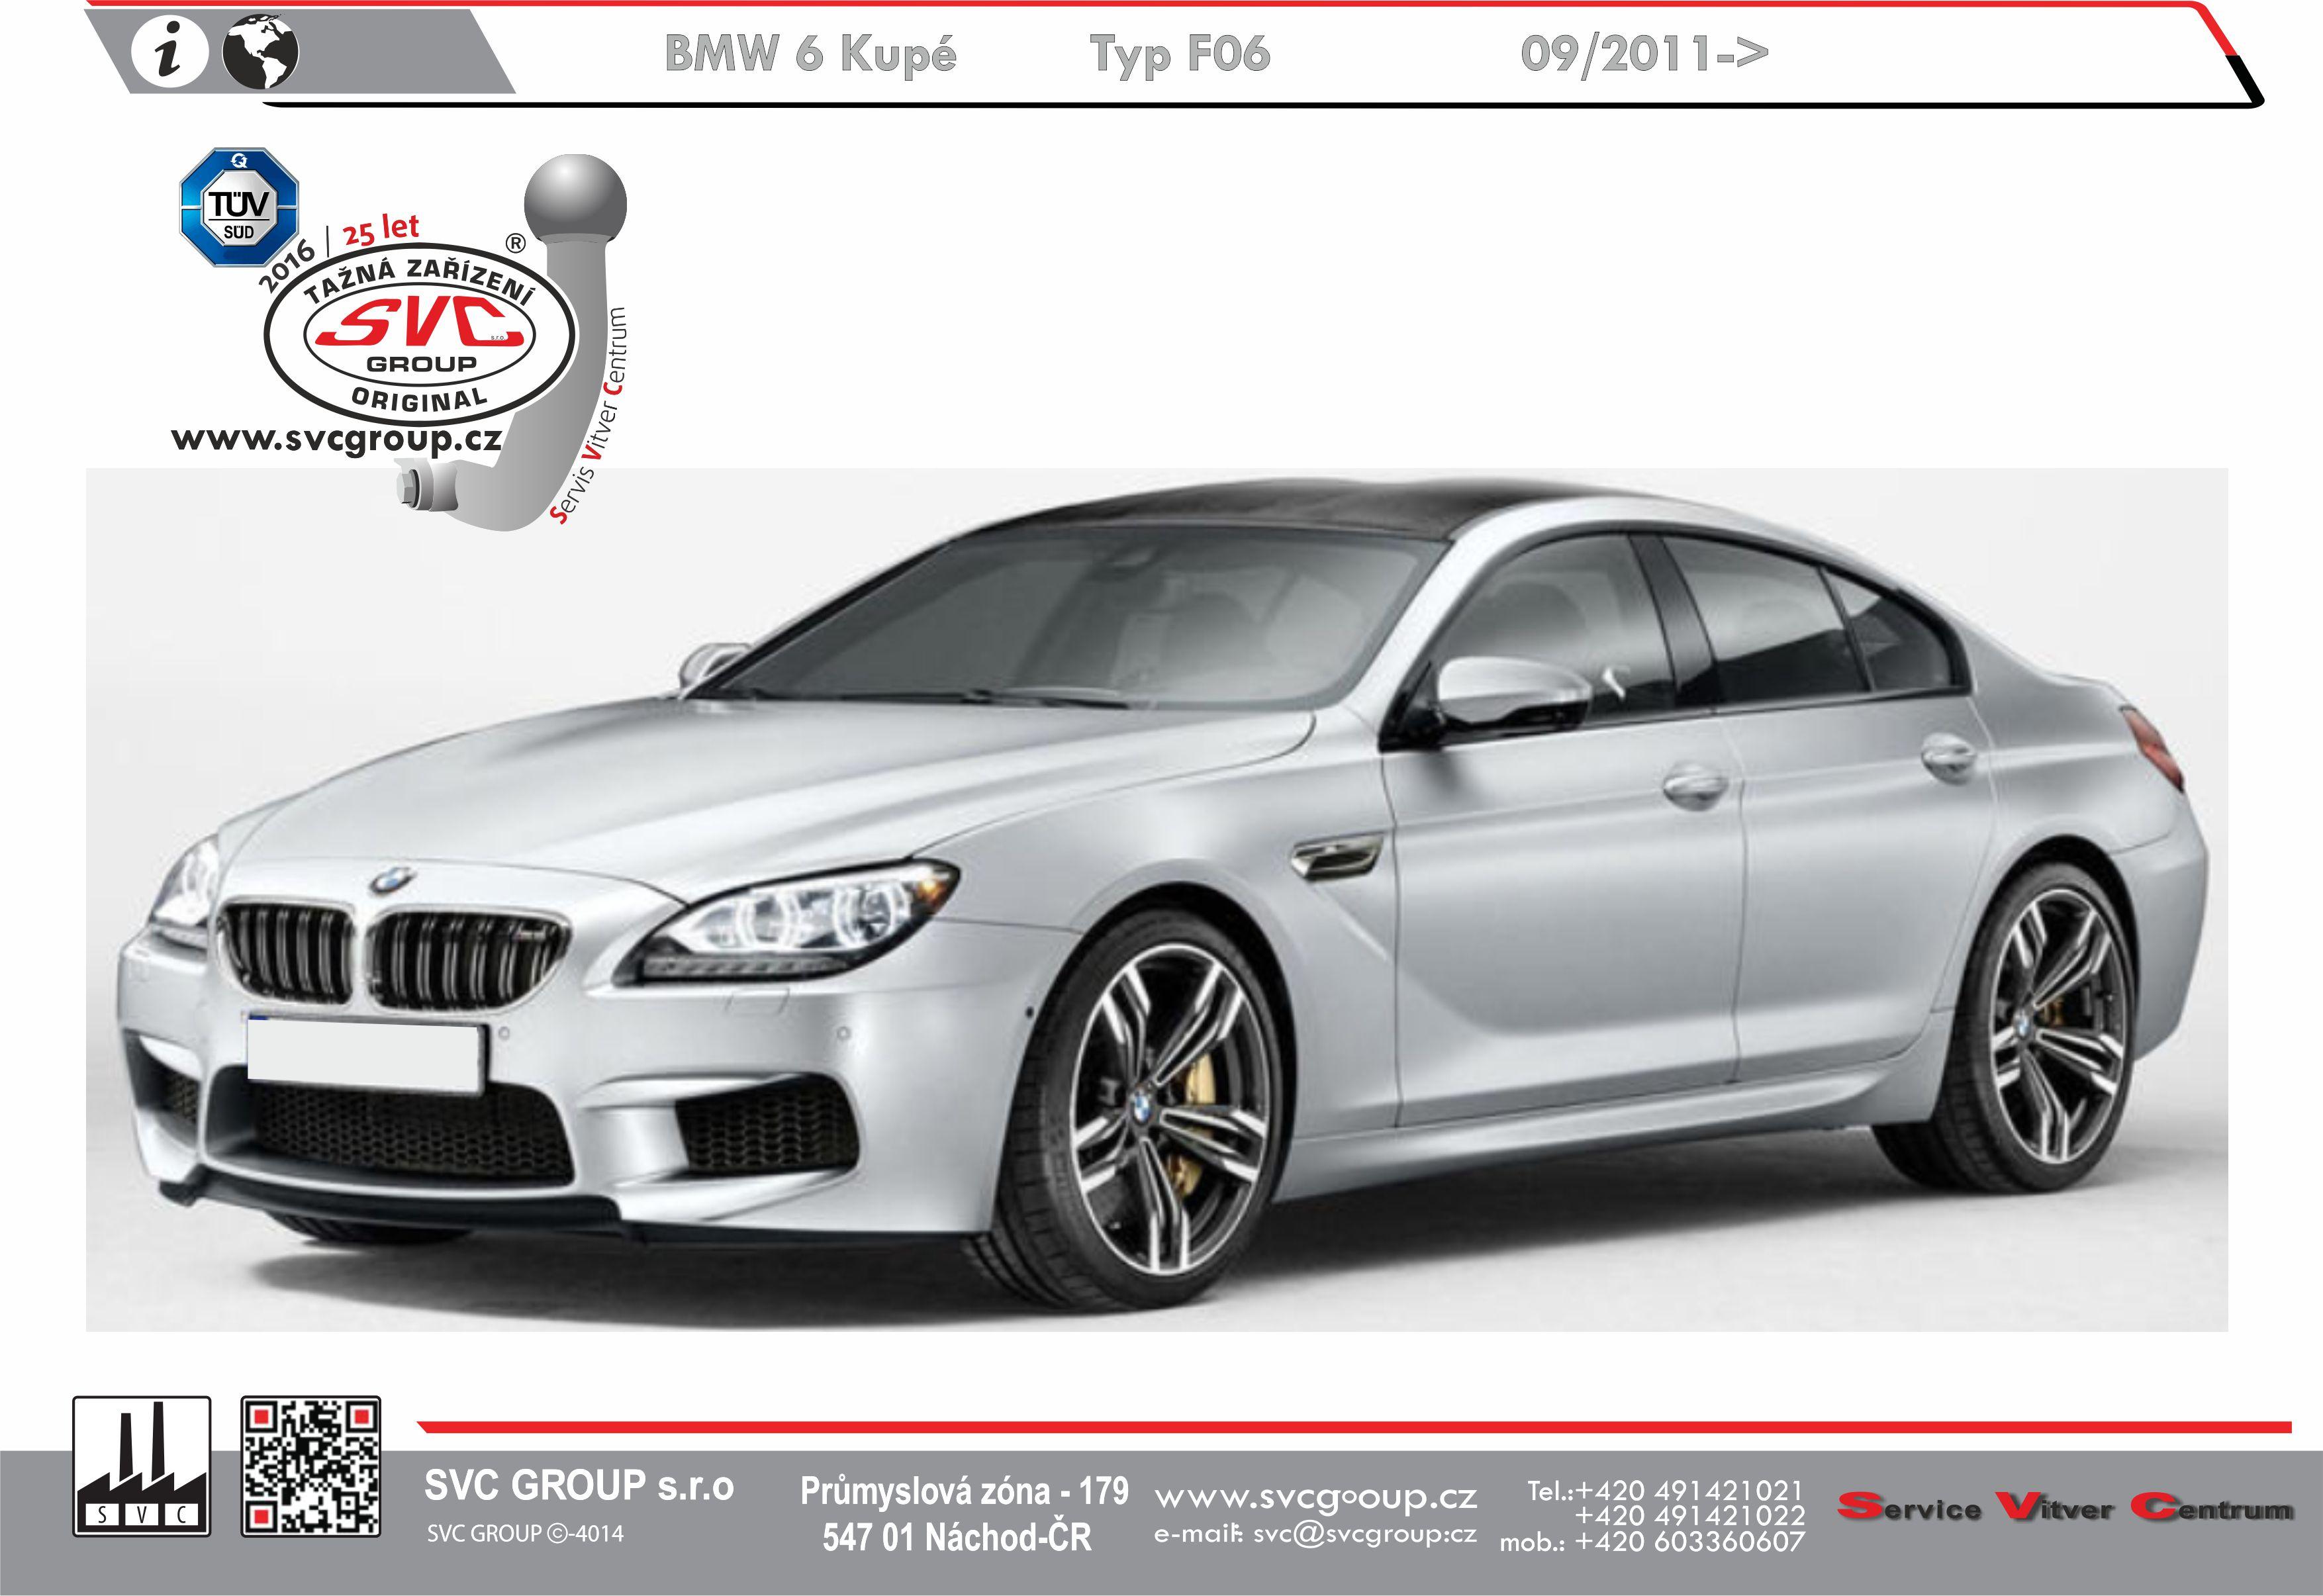 BMW 6 Série Grand Kupé